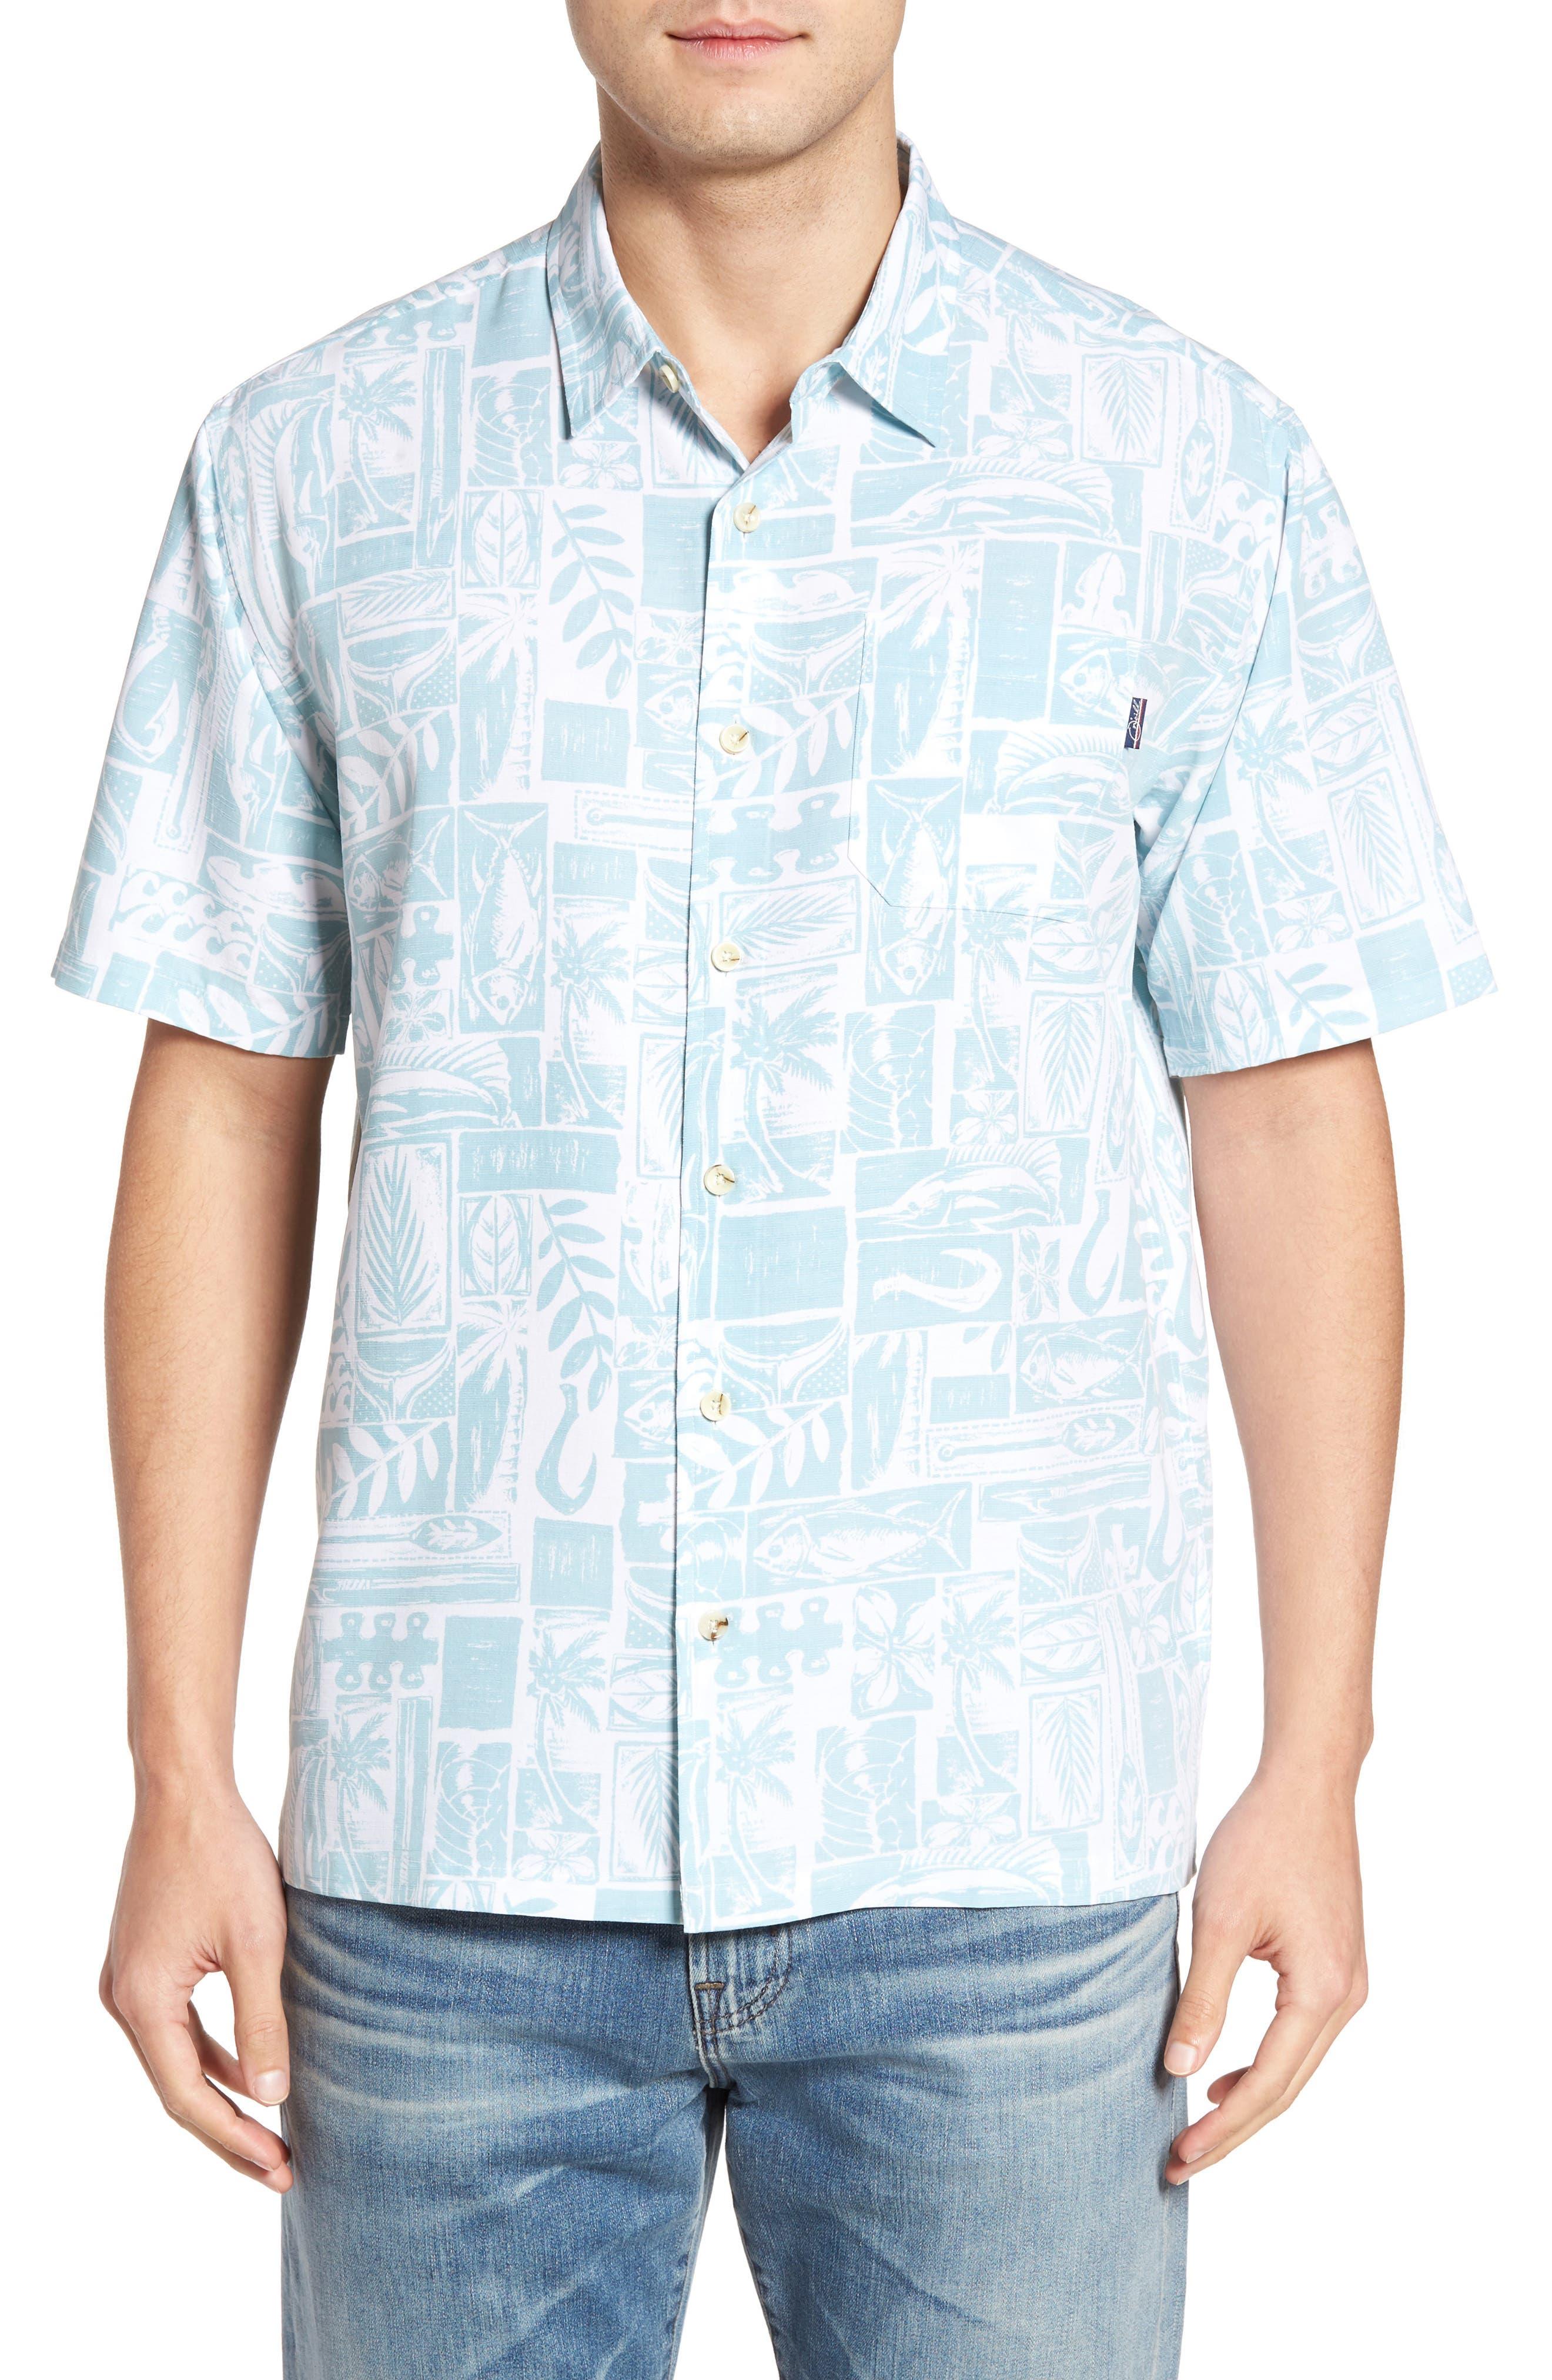 JACK ONEILL Driftwood Regular Fit Short Sleeve Print Sport Shirt